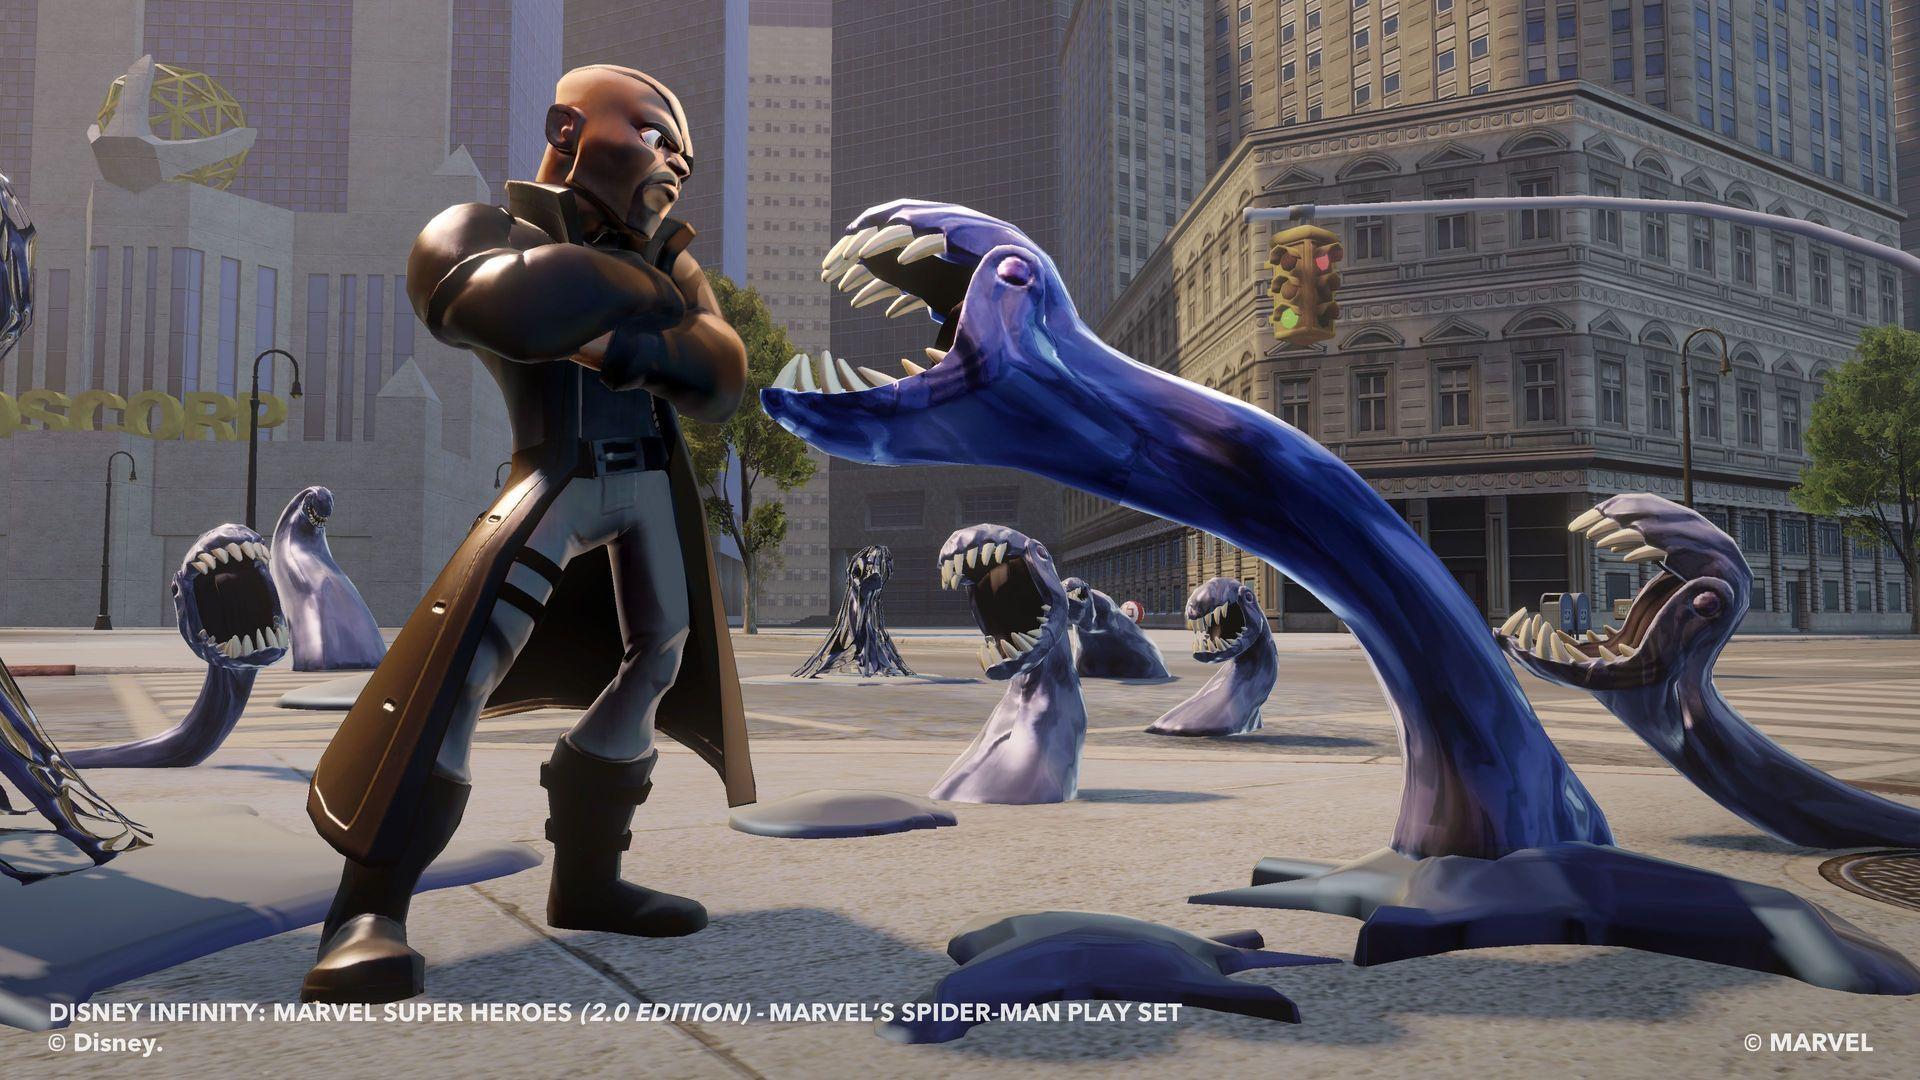 #DisneyInfinityMarvelSuperHeroes #DisneyInfinity Para más información sobre #Videojuegos, suscríbete a nuestra página web: www.todosobrevideojuegos.com y síguenos en Twitter https://twitter.com/TS_Videojuegos